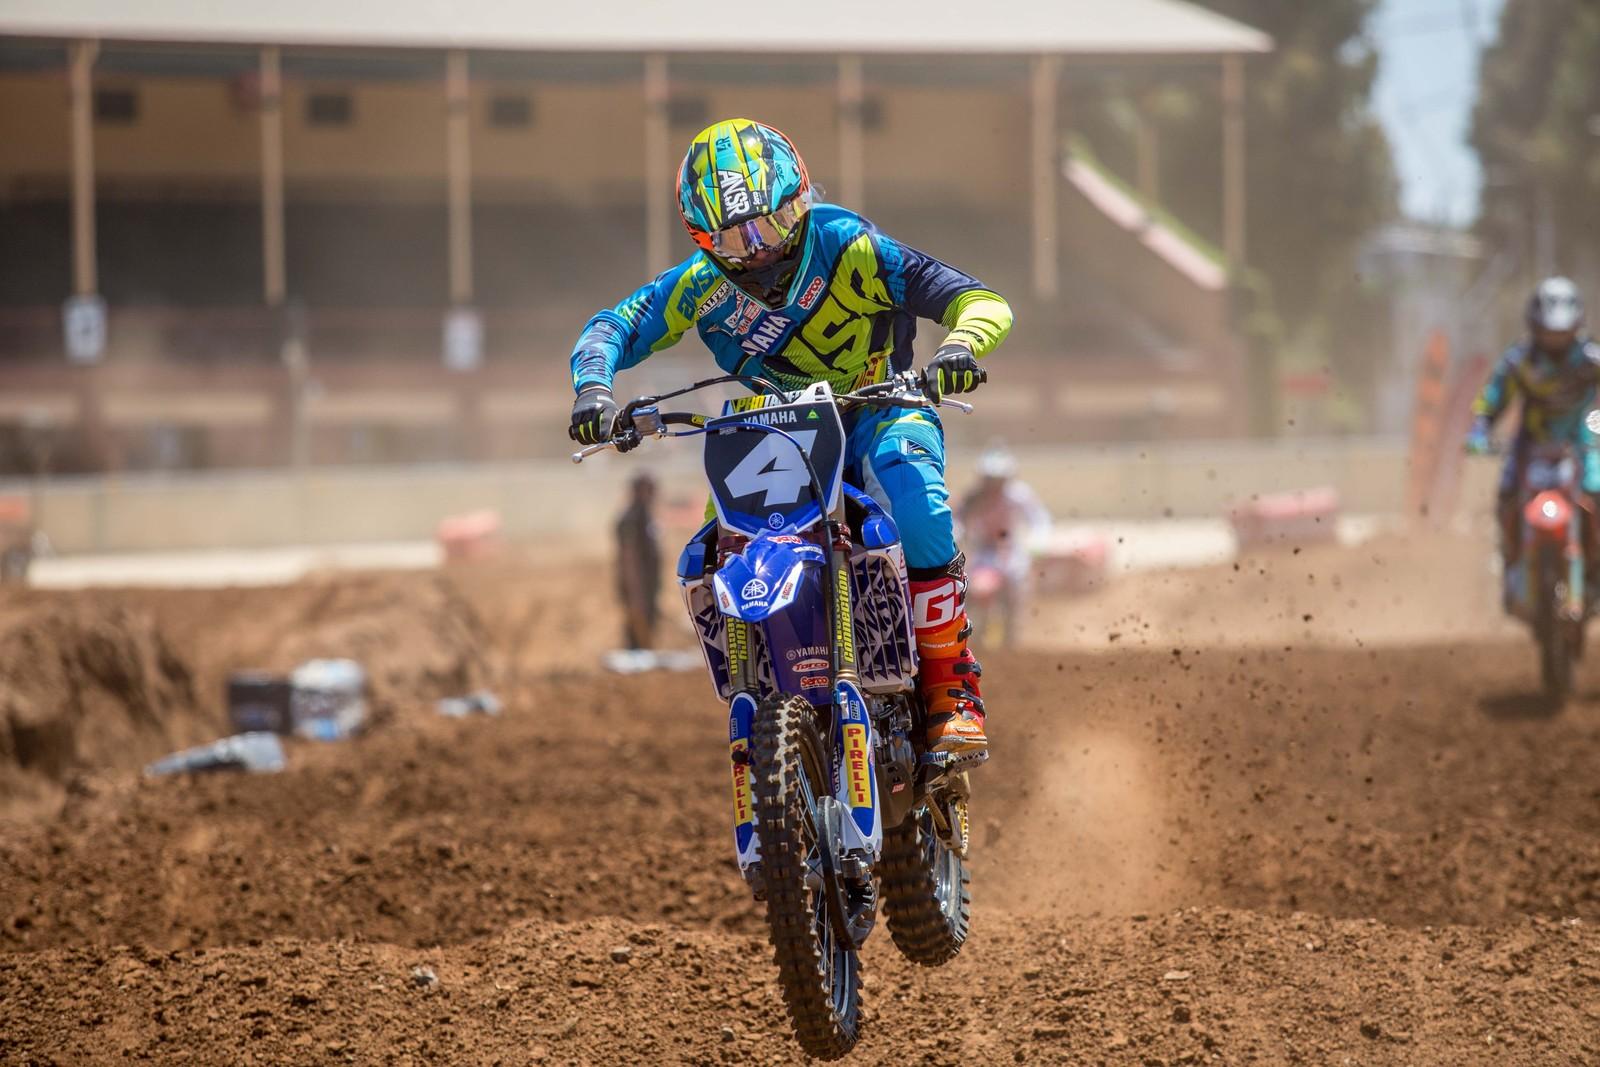 Luke Clout - Photo Blast: Australian Supercross Championship from Adelaide - Motocross Pictures - Vital MX